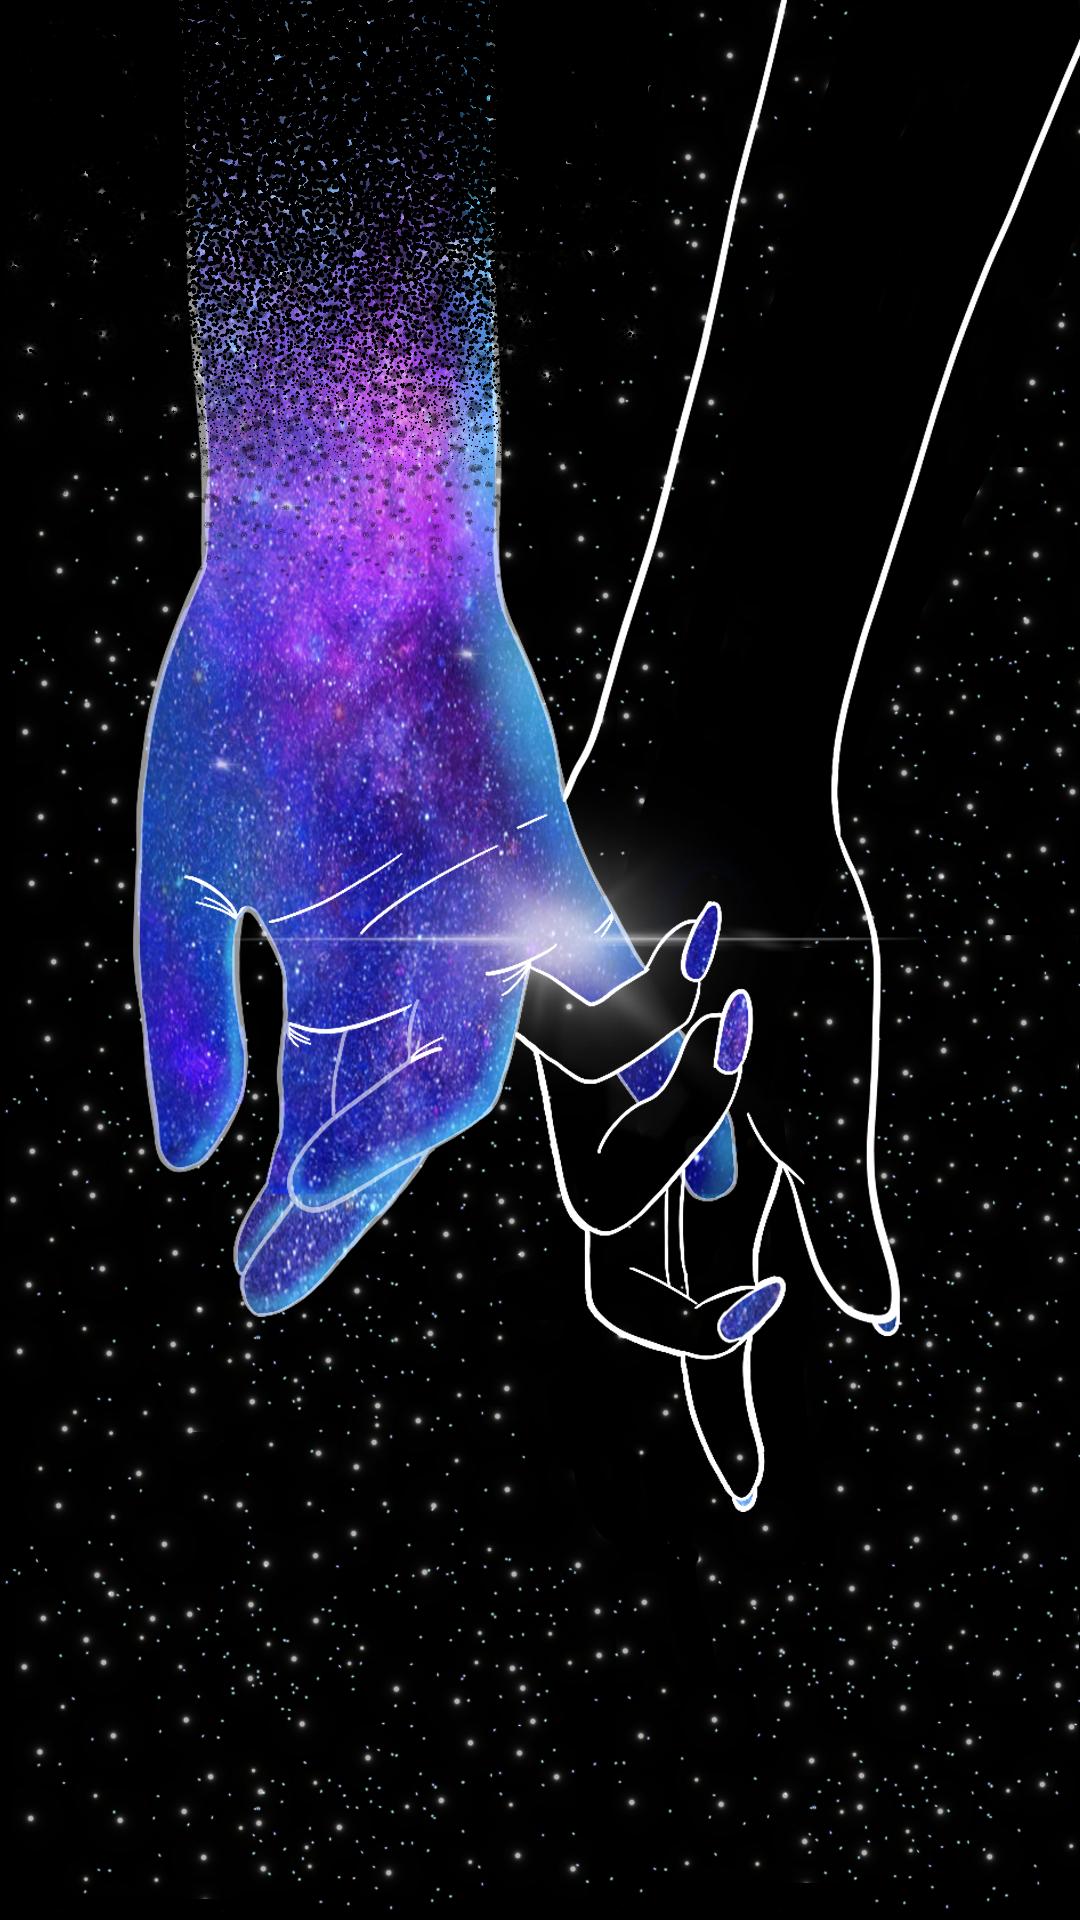 Wallpaper Amor Galáxia by Gocase, poeira das estrelas, galáxia, galaxy, purple, blue, black, preto, stars, estrelas, nails, holding hands, mãos dadas, amor, love, carinho, colors, cores, colorful, constelação, constelation, star dust, planets, planetas, espaço sideral,